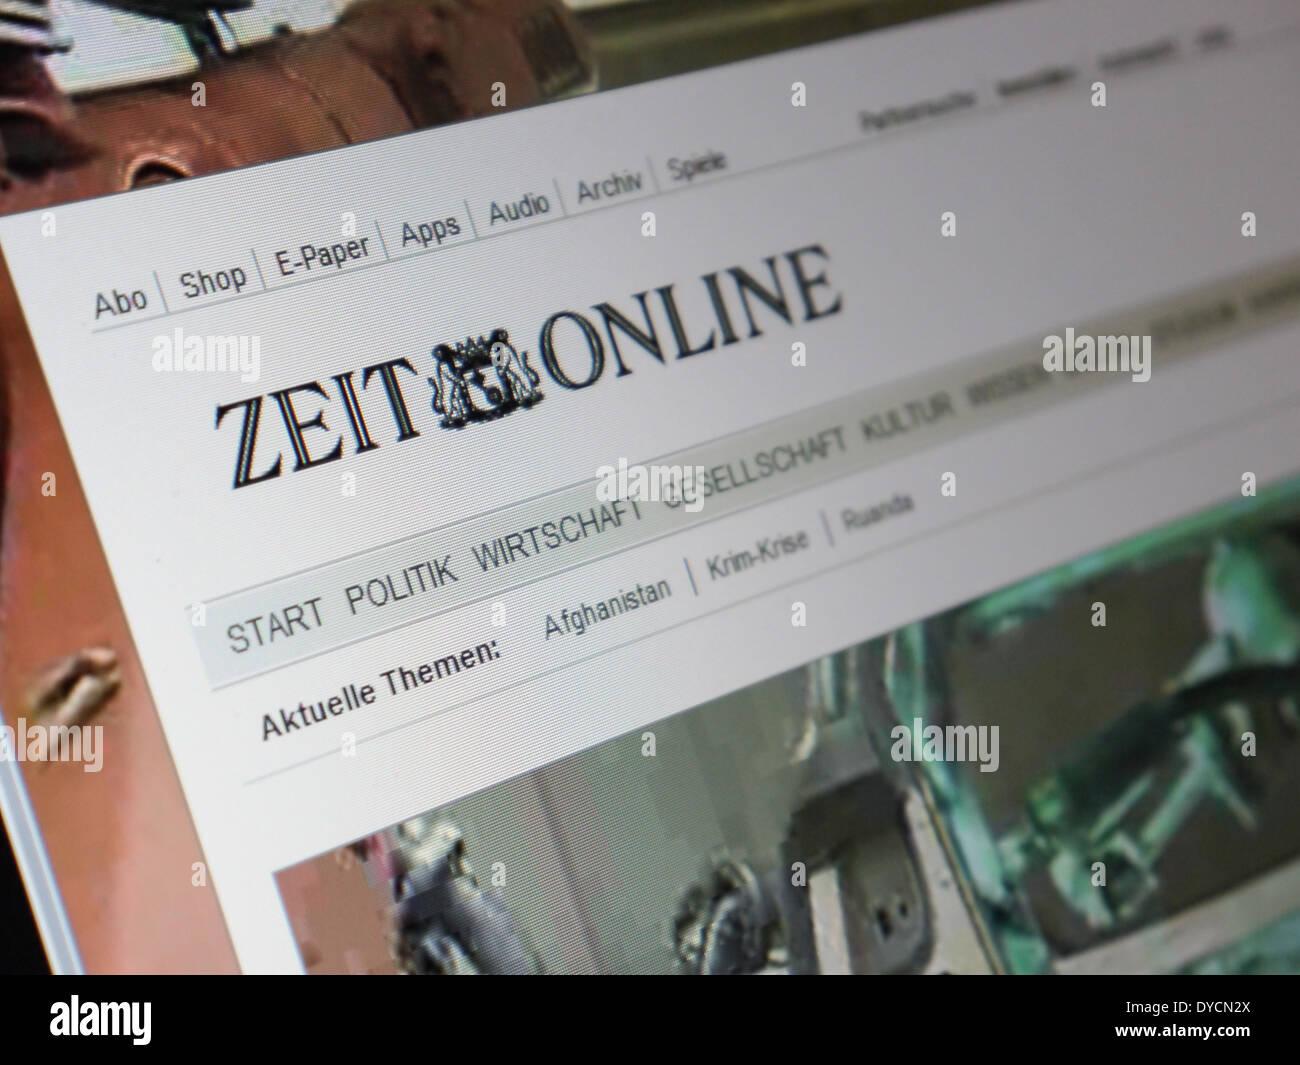 zeit online website - Stock Image